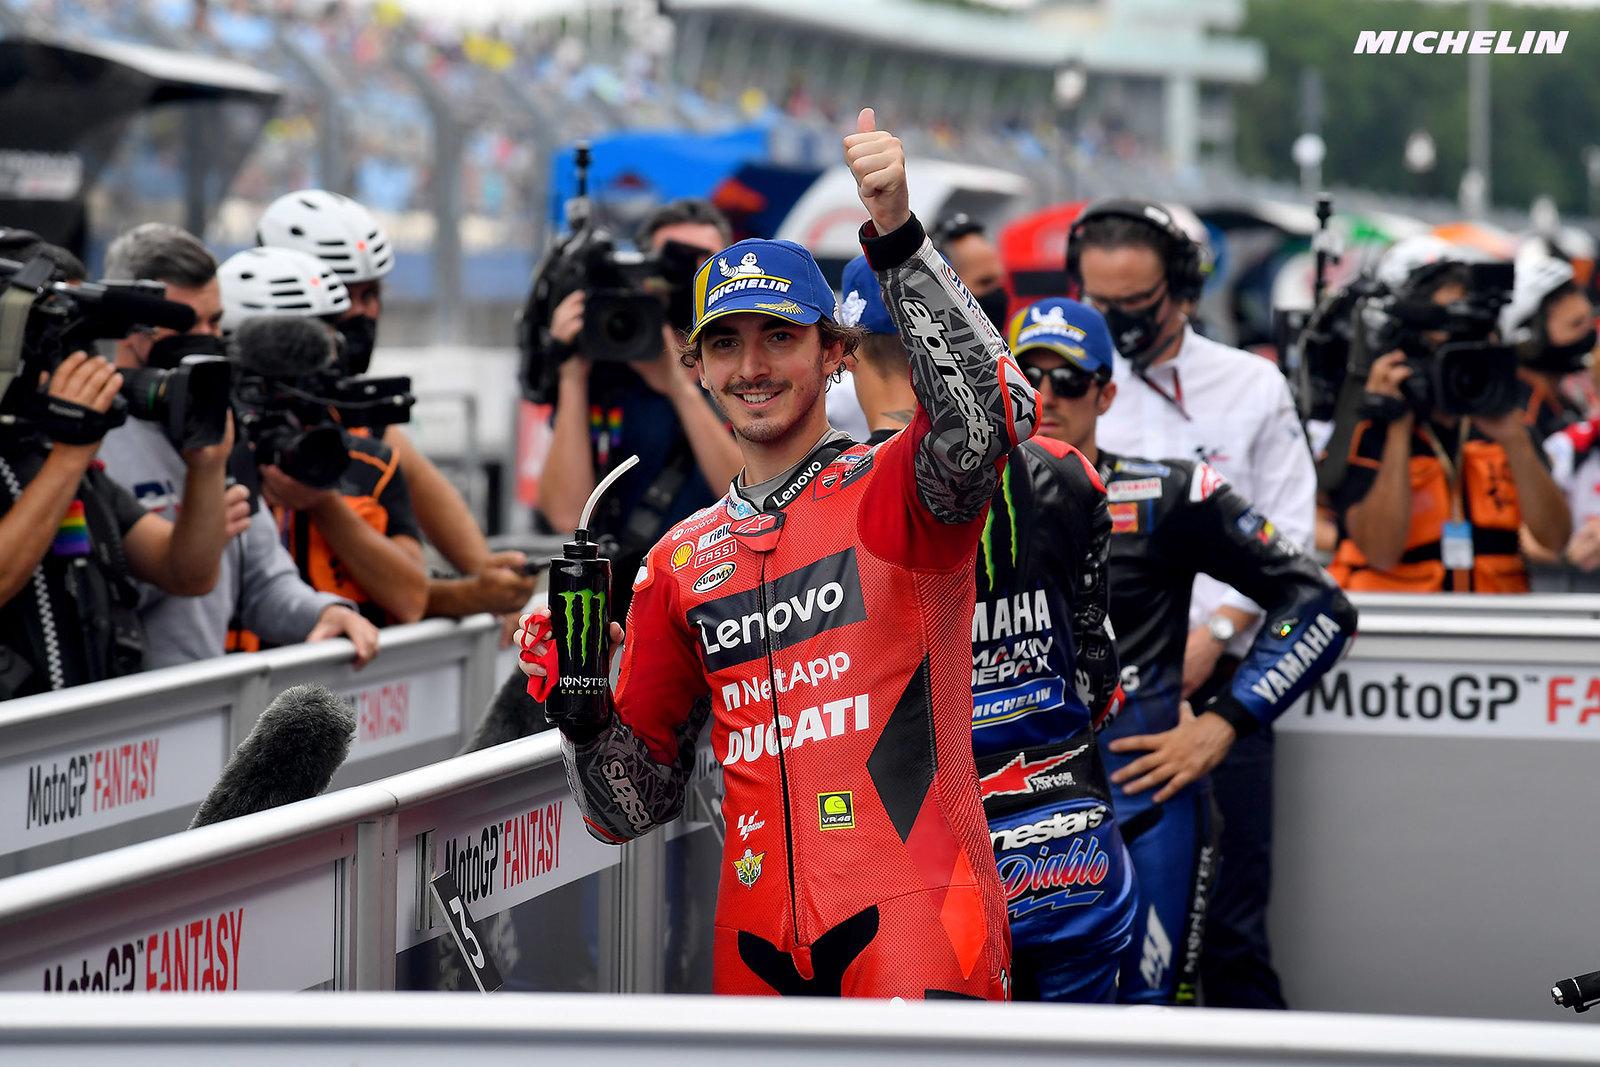 MotoGP2021 オランダGP 予選3位フランセスコ・バグナイア「前半はヤマハ2人の抑え込みたい」